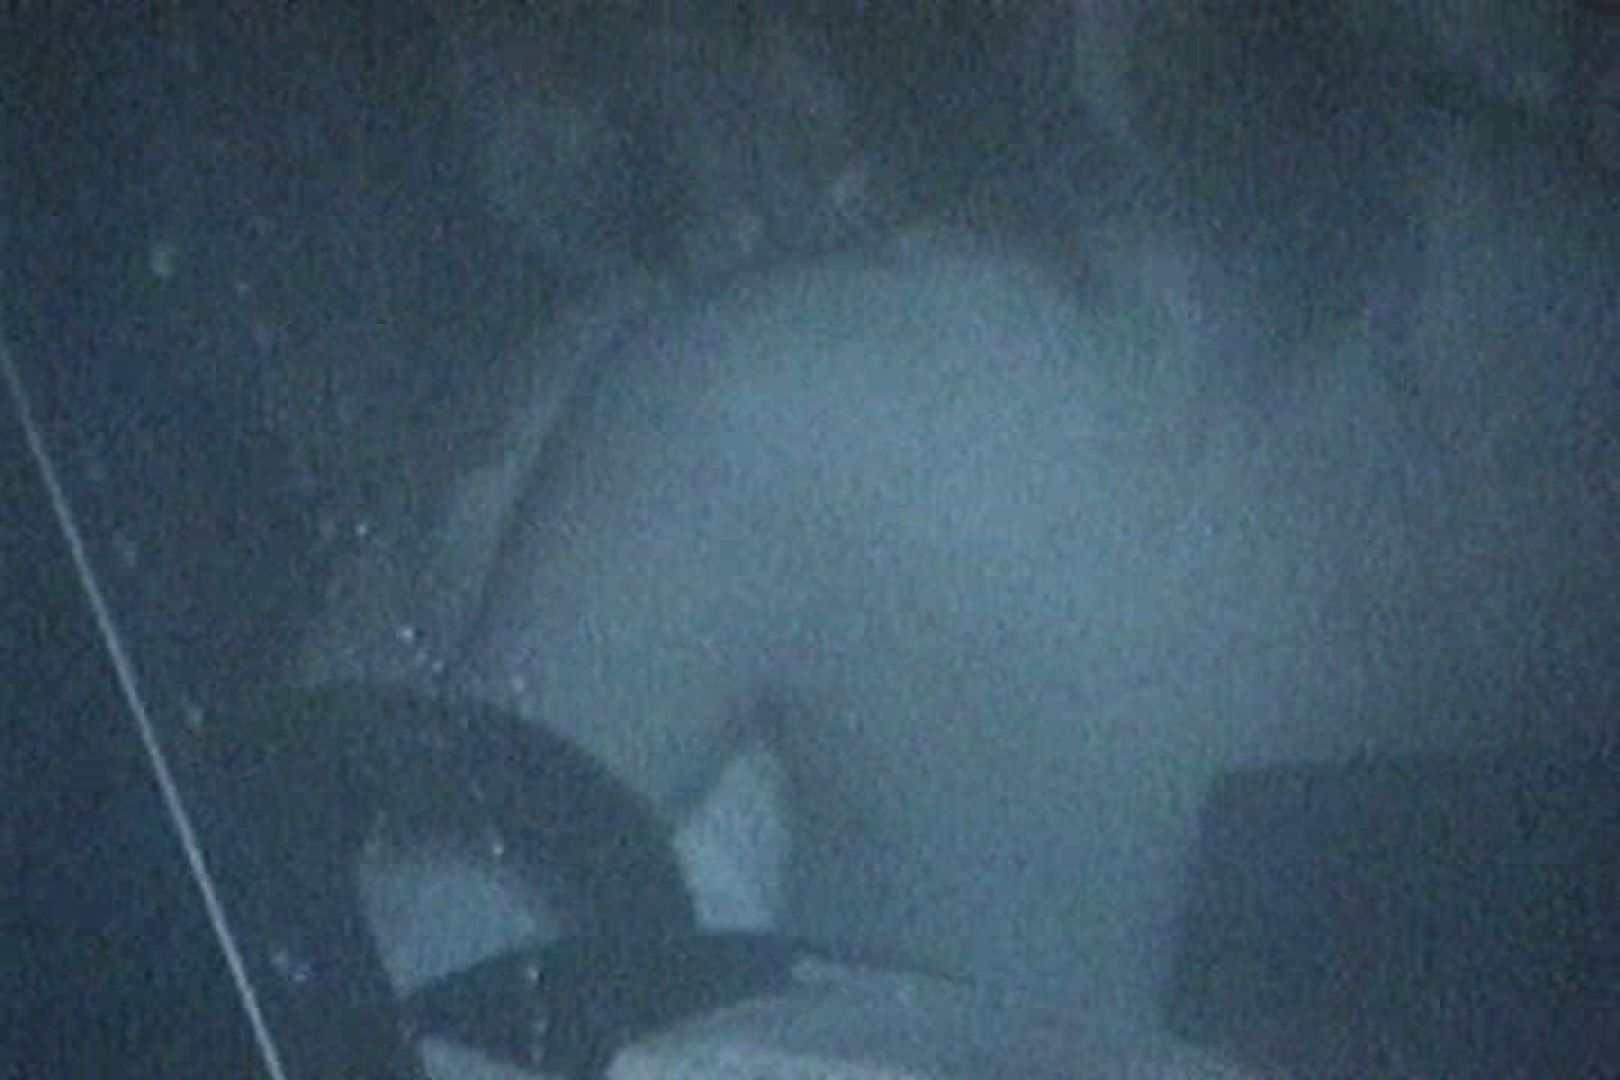 充血監督の深夜の運動会Vol.146 ハプニング SEX無修正画像 95連発 62